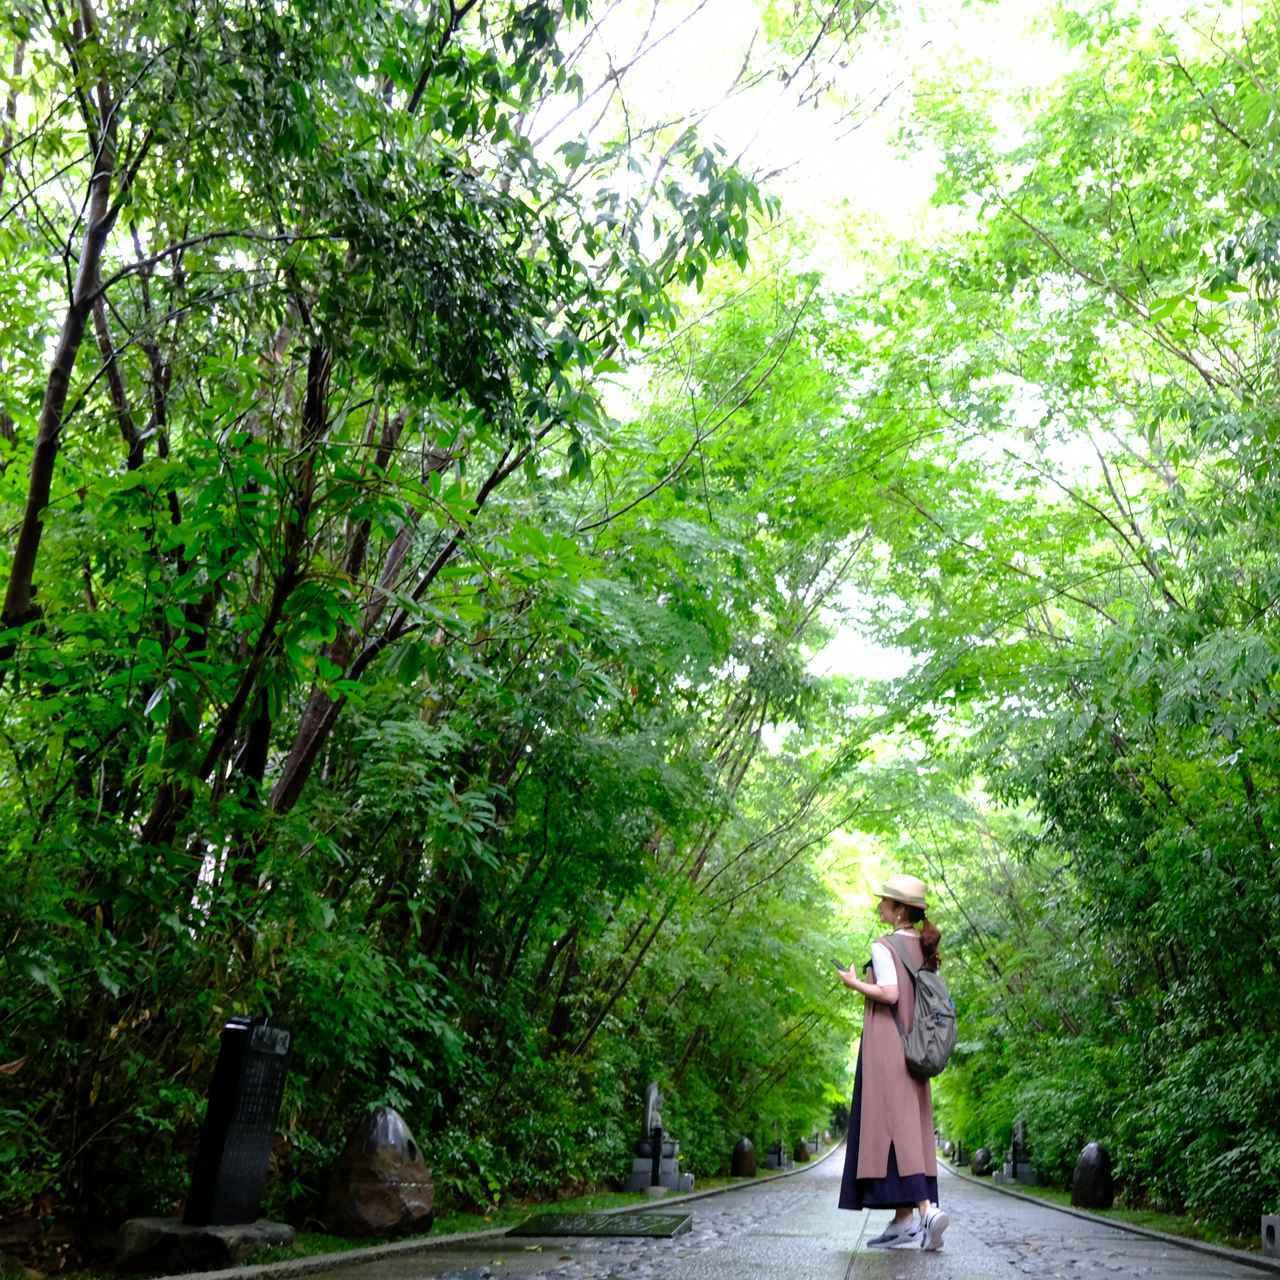 画像: 城下町の伝統を肌で感じる夏の旅、仙台1泊2日おすすめコース - OnTrip JAL